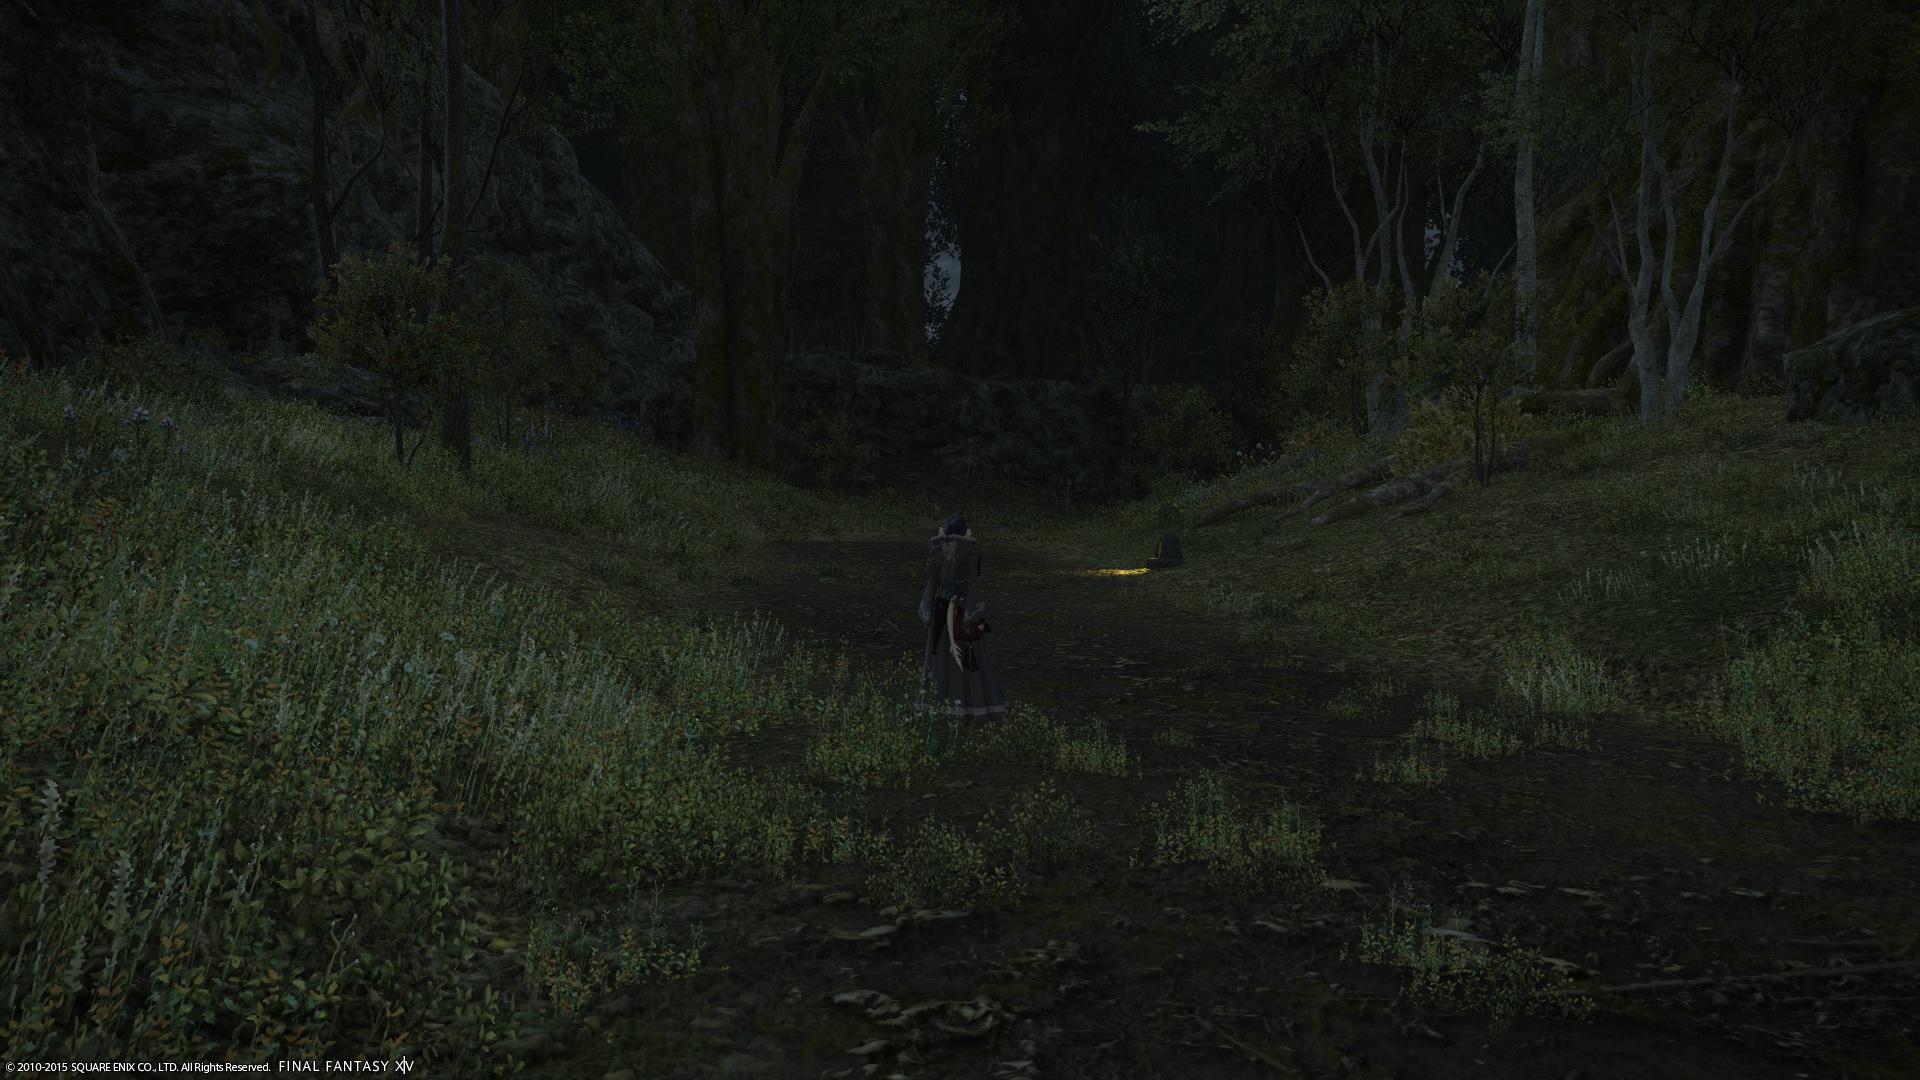 夜道は怖い